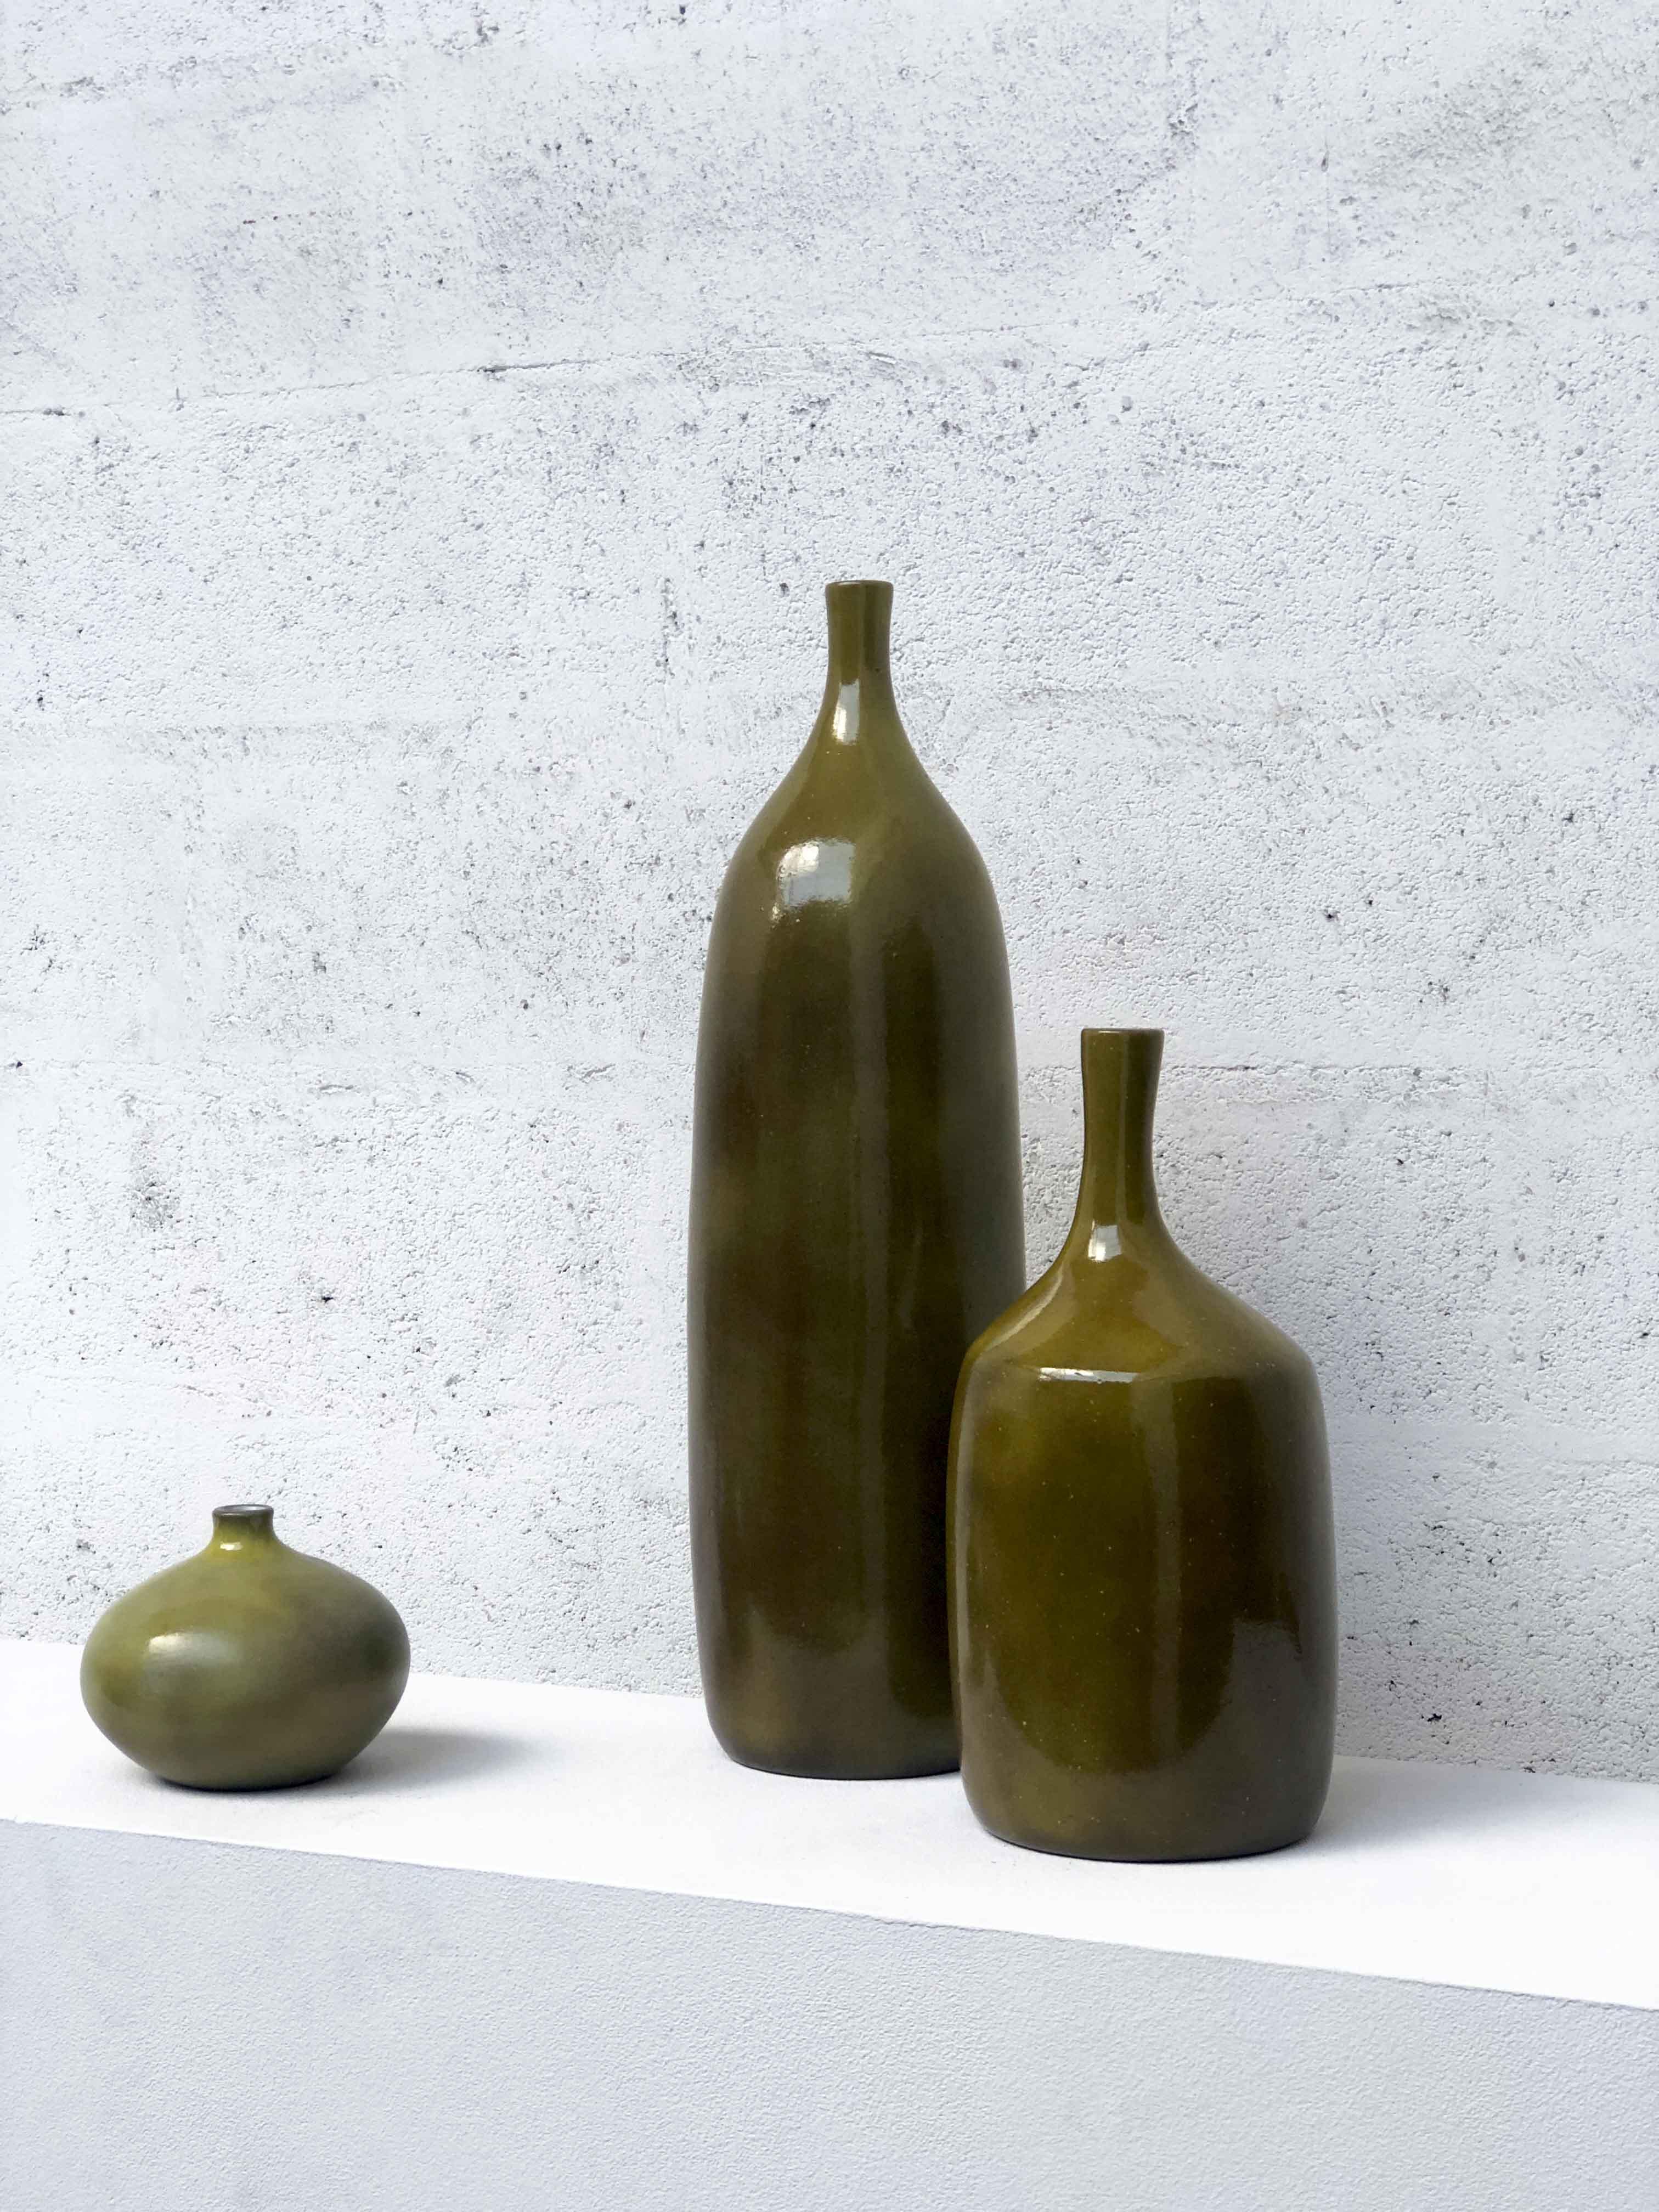 J. et D. Ruelland, Ensemble de trois vases, vue 01